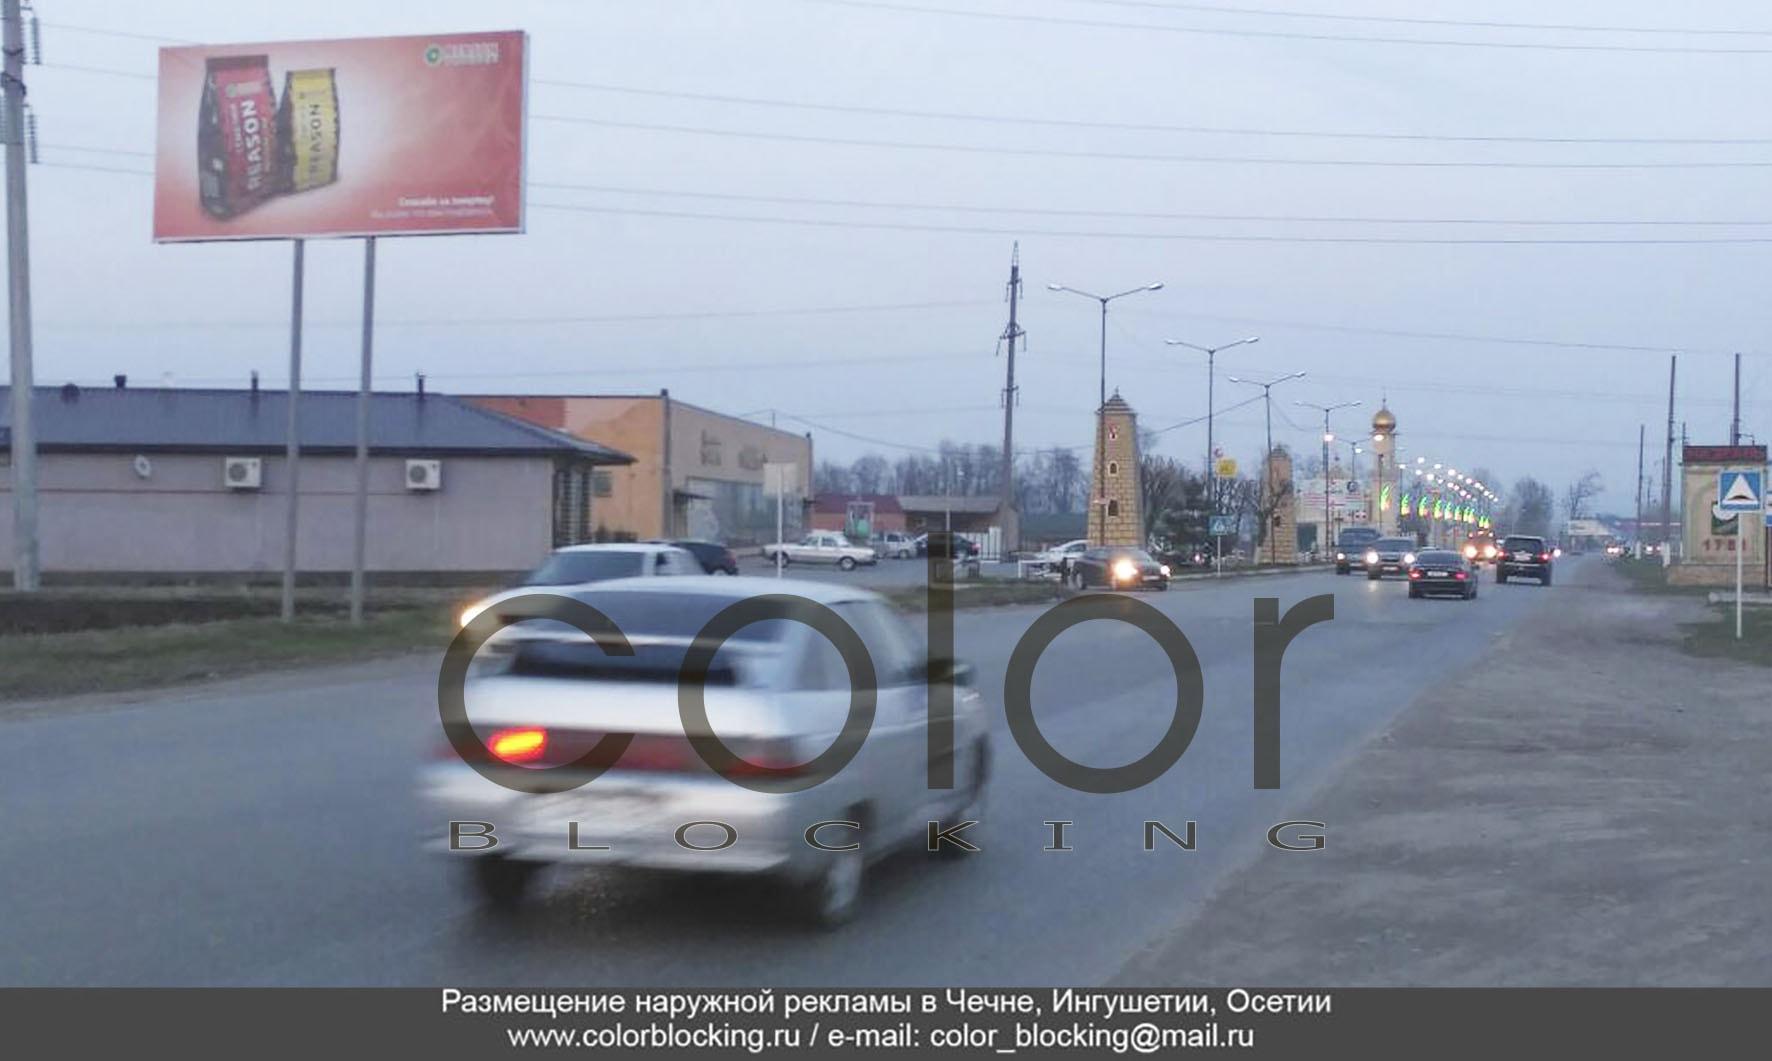 Наружная реклама в Назрани арендовать